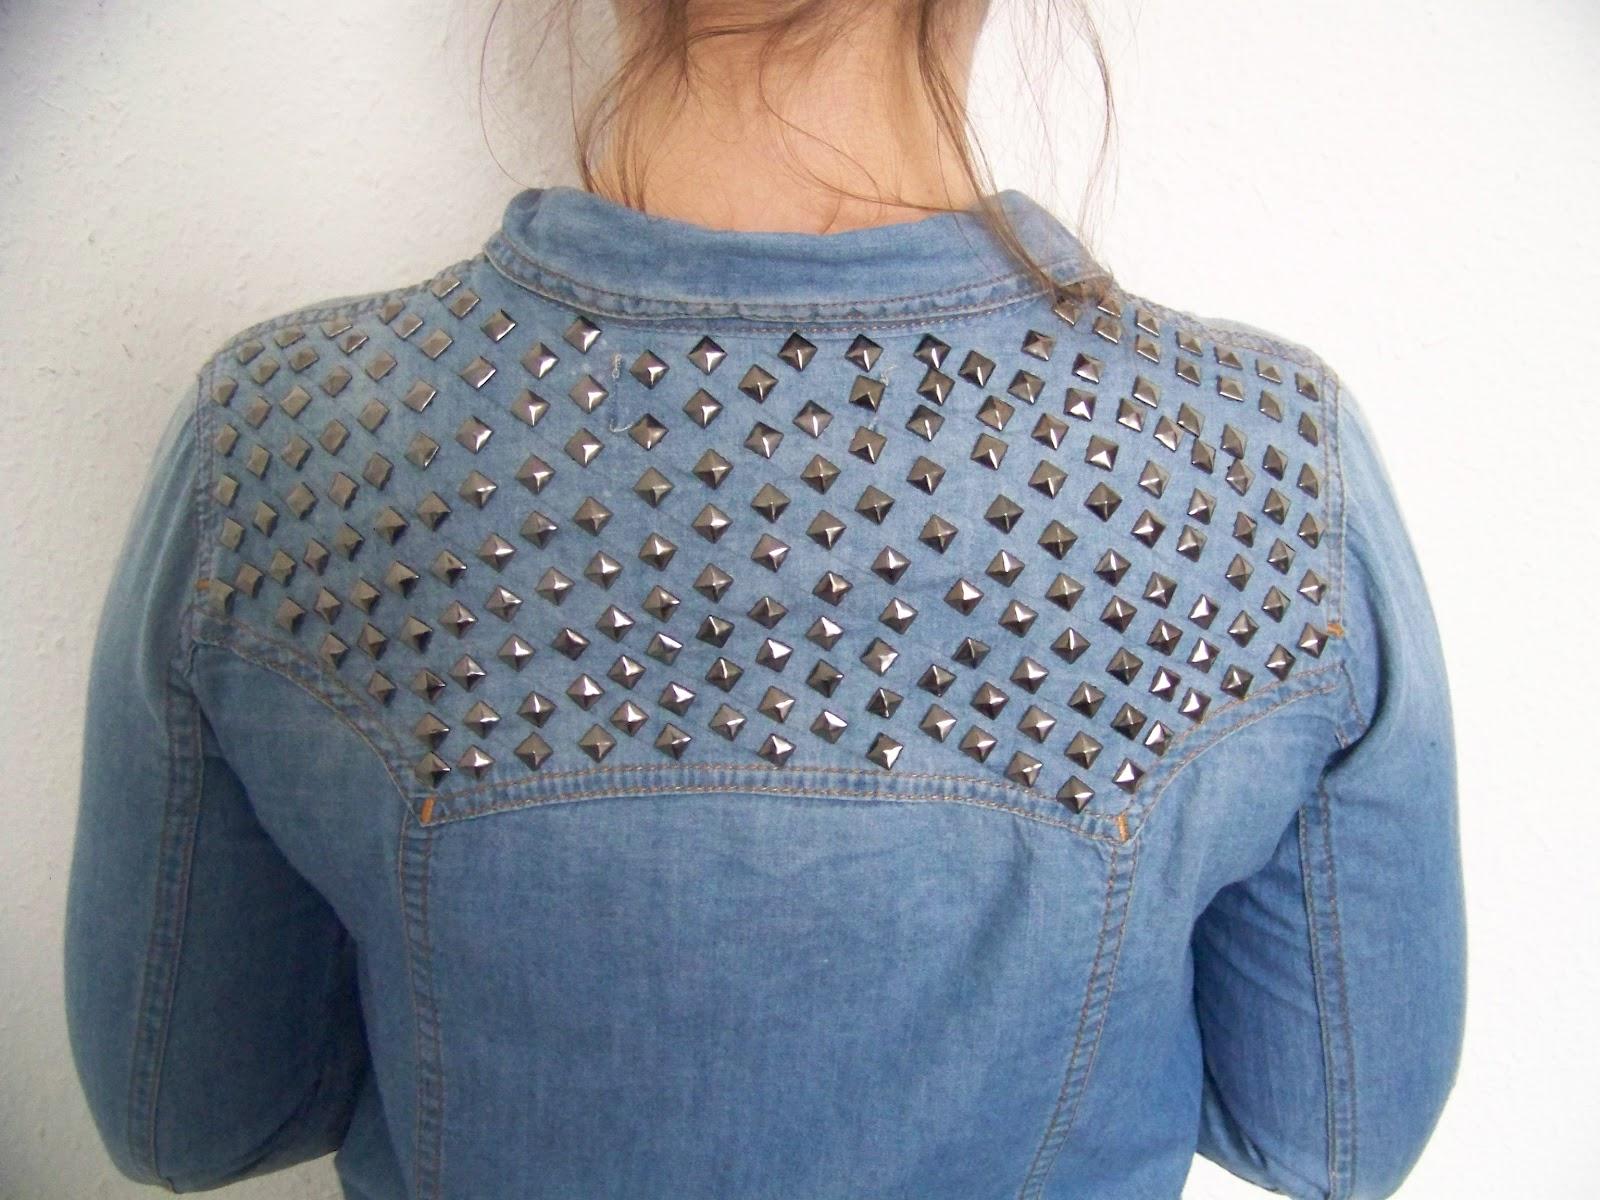 customiser une chemise en jean les petites choses du monde de chacha blog mode lifestyle. Black Bedroom Furniture Sets. Home Design Ideas